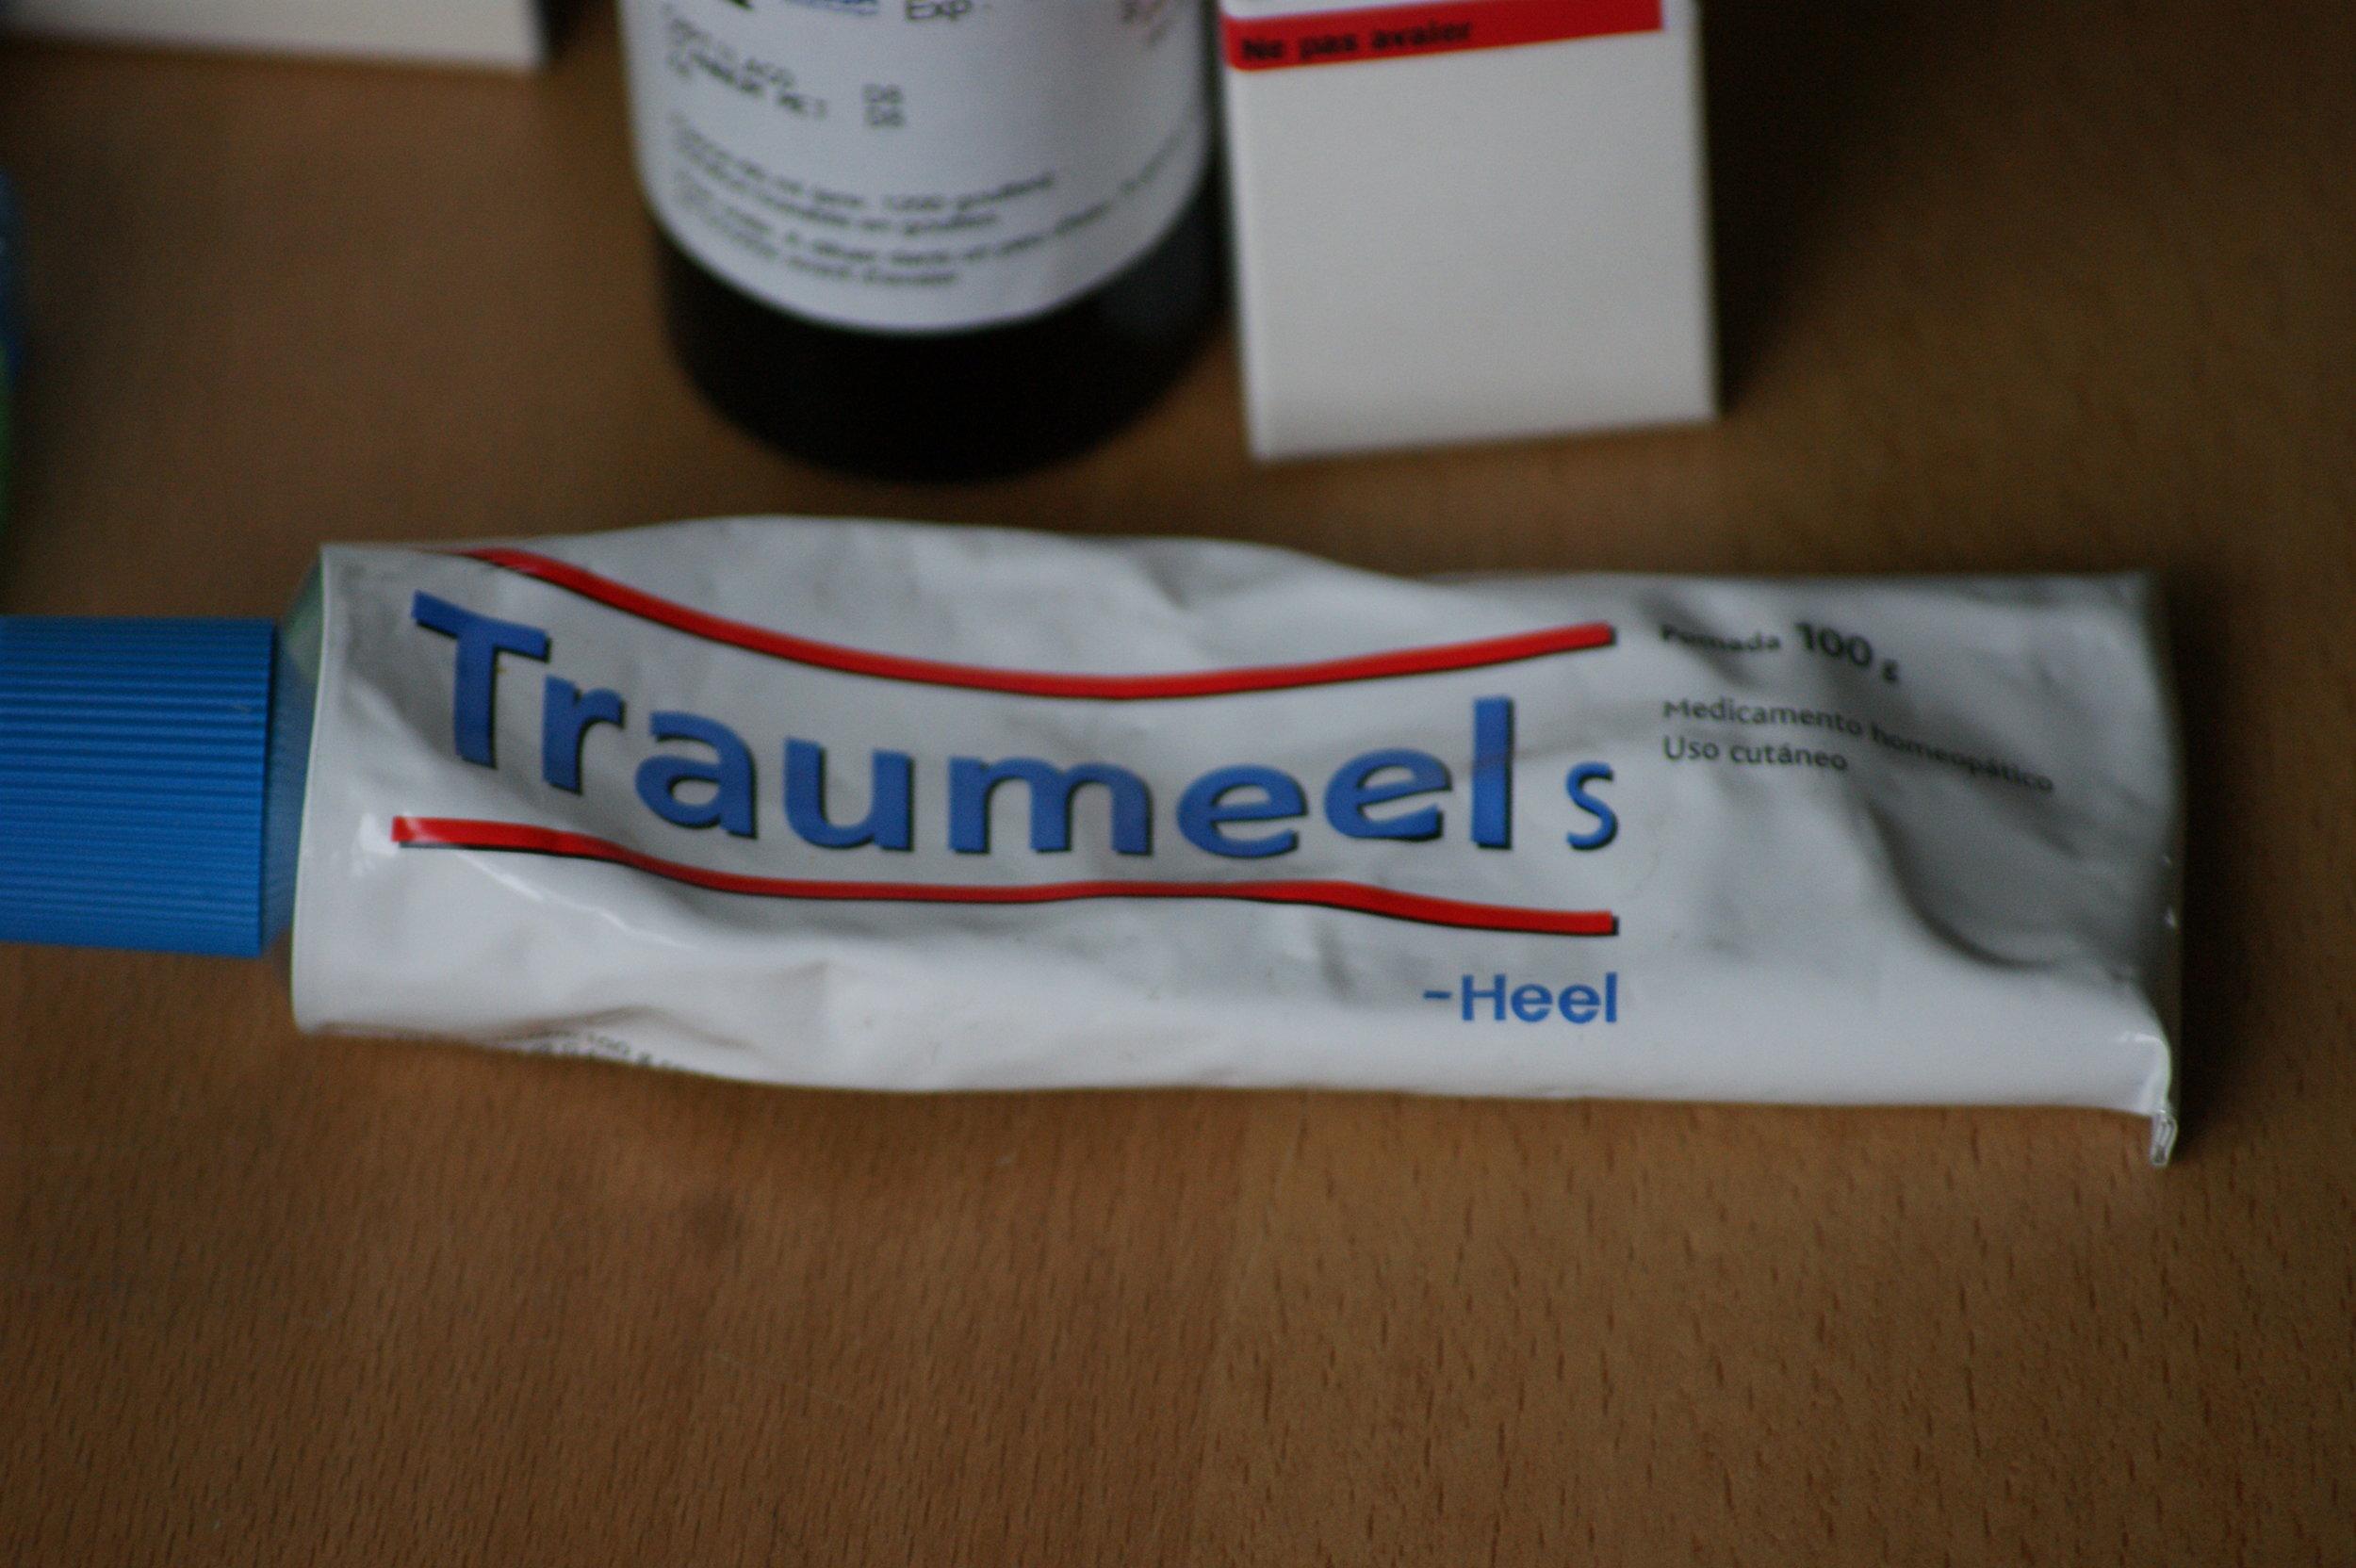 Esta es una pomada homeopática muy empleada desde hace años por muchas personas frente a golpes y traumatismos